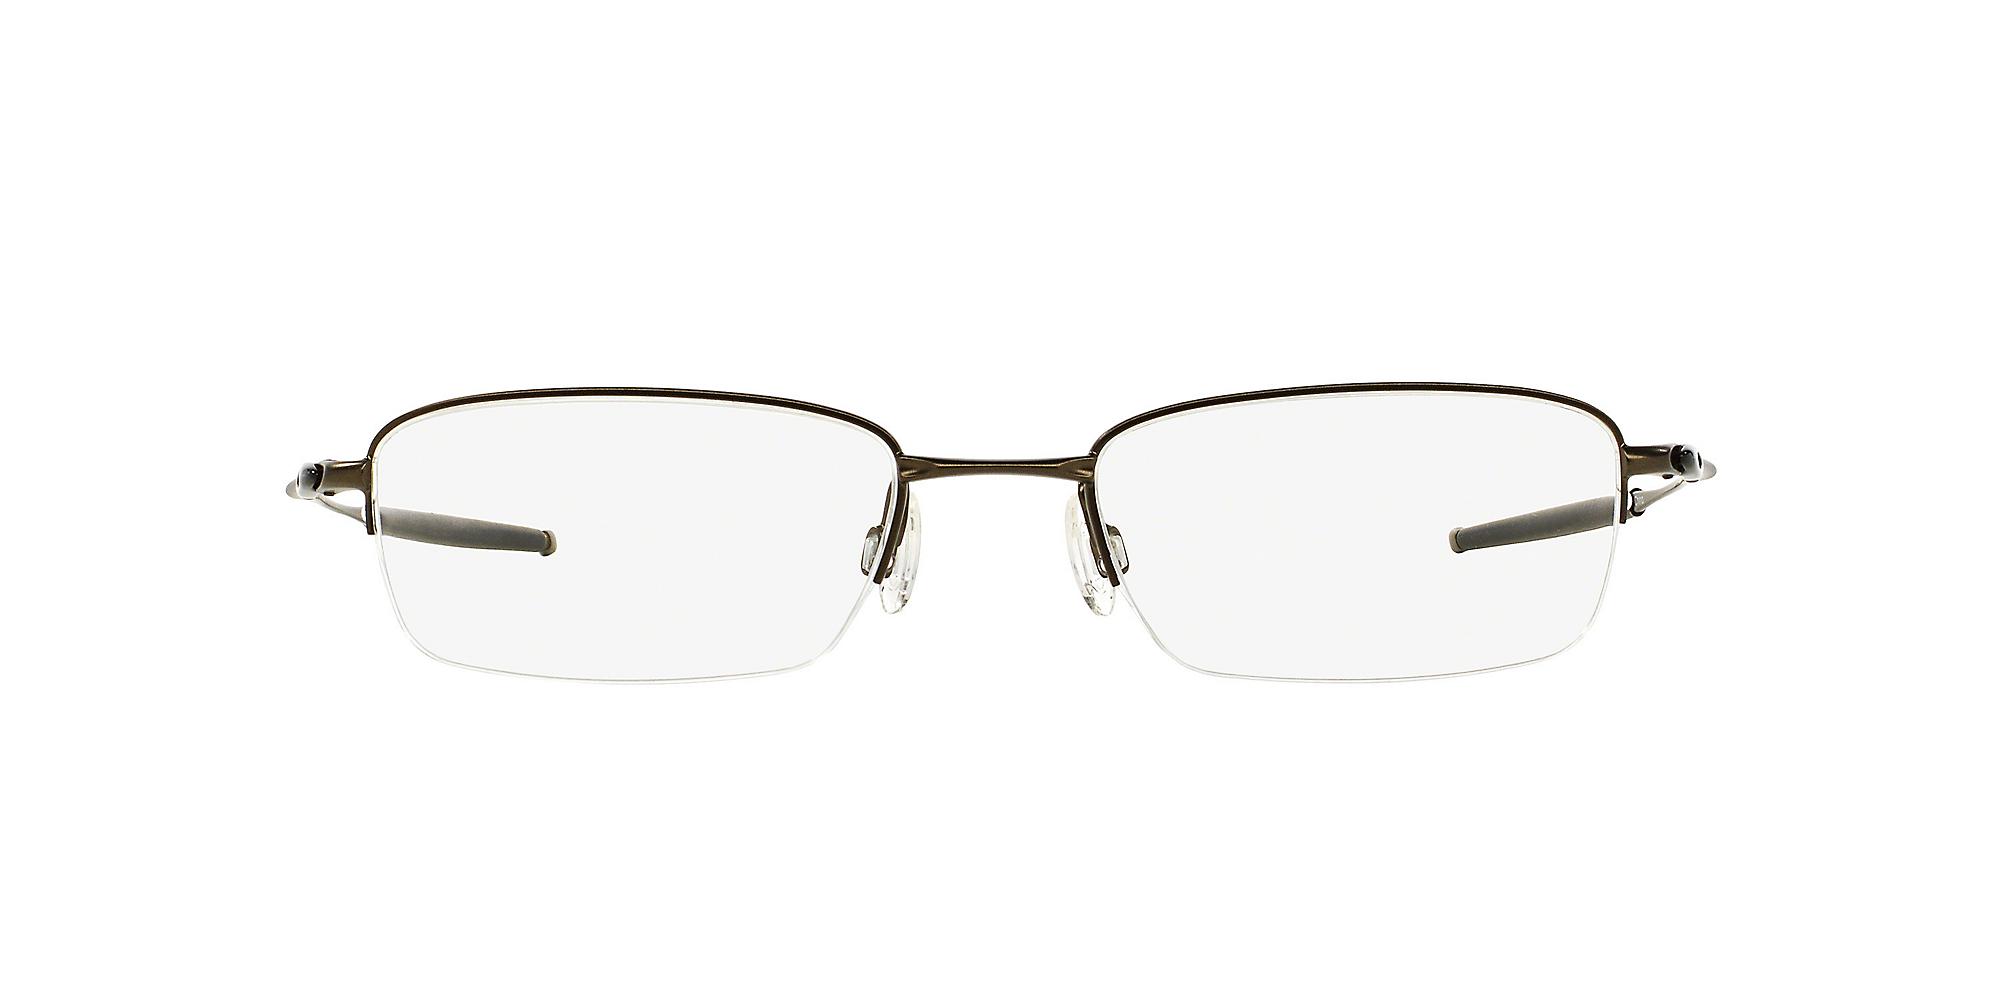 Oakley Frameless Glasses